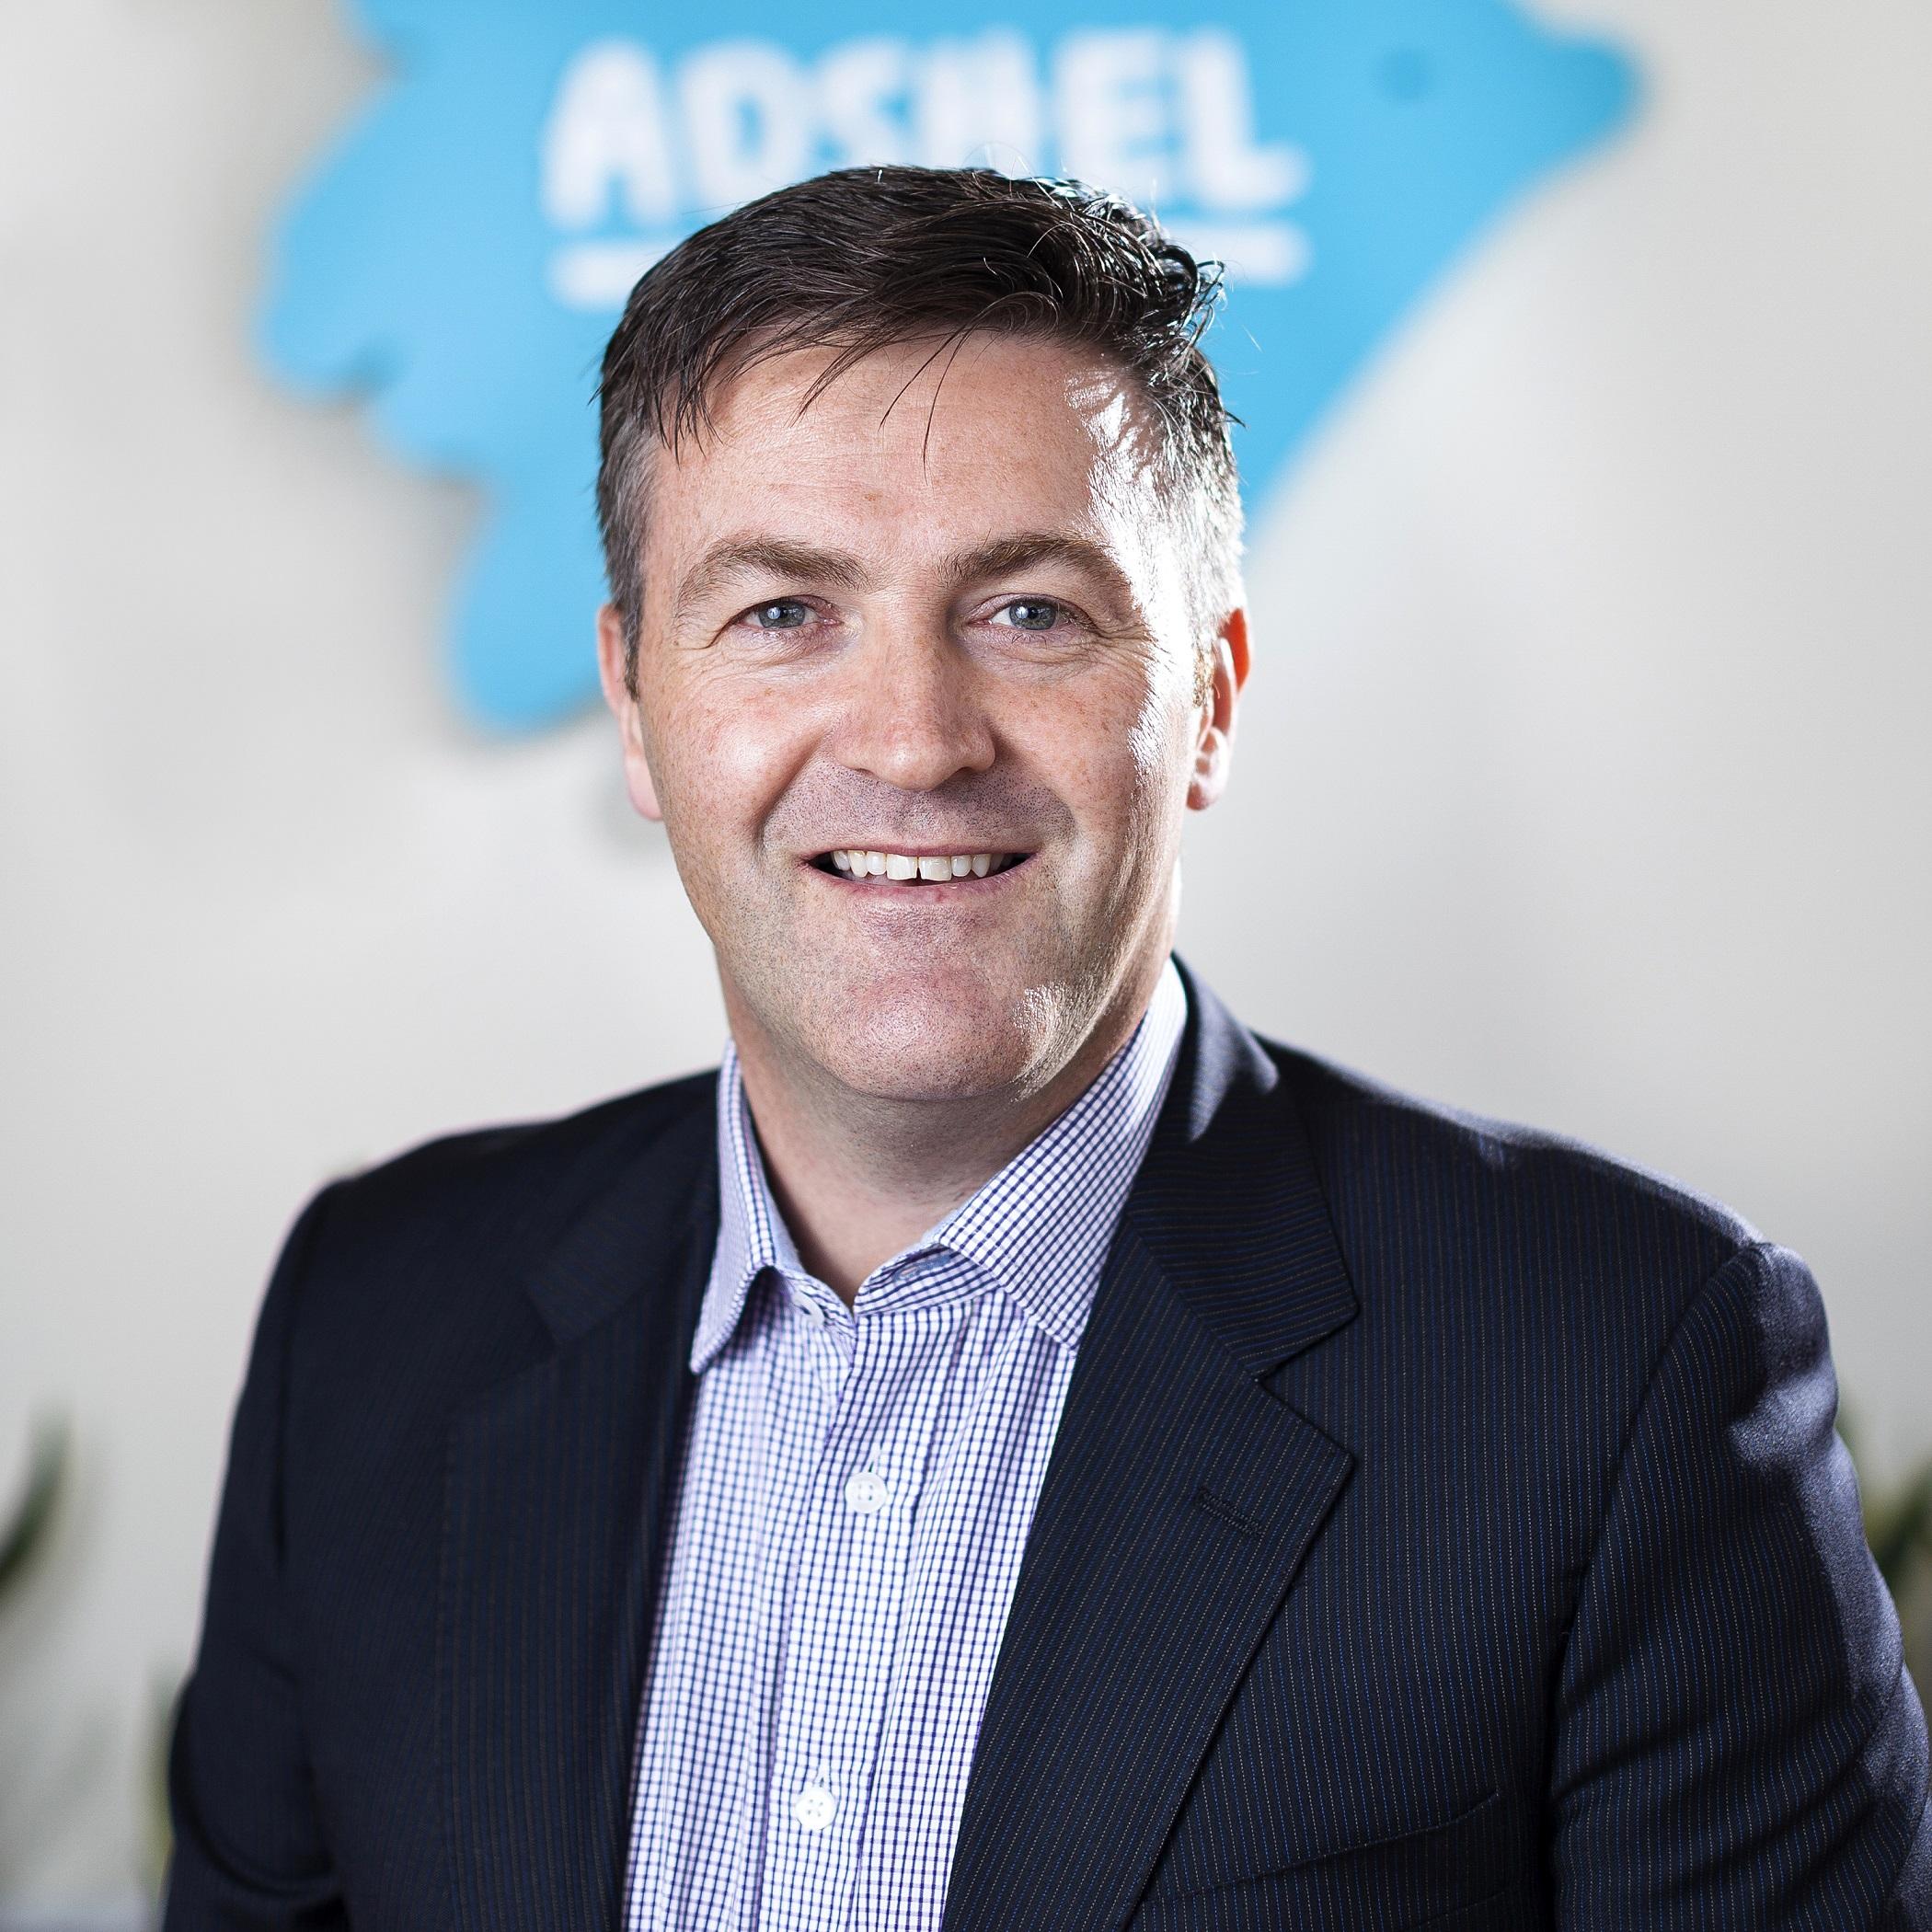 Michael Riach